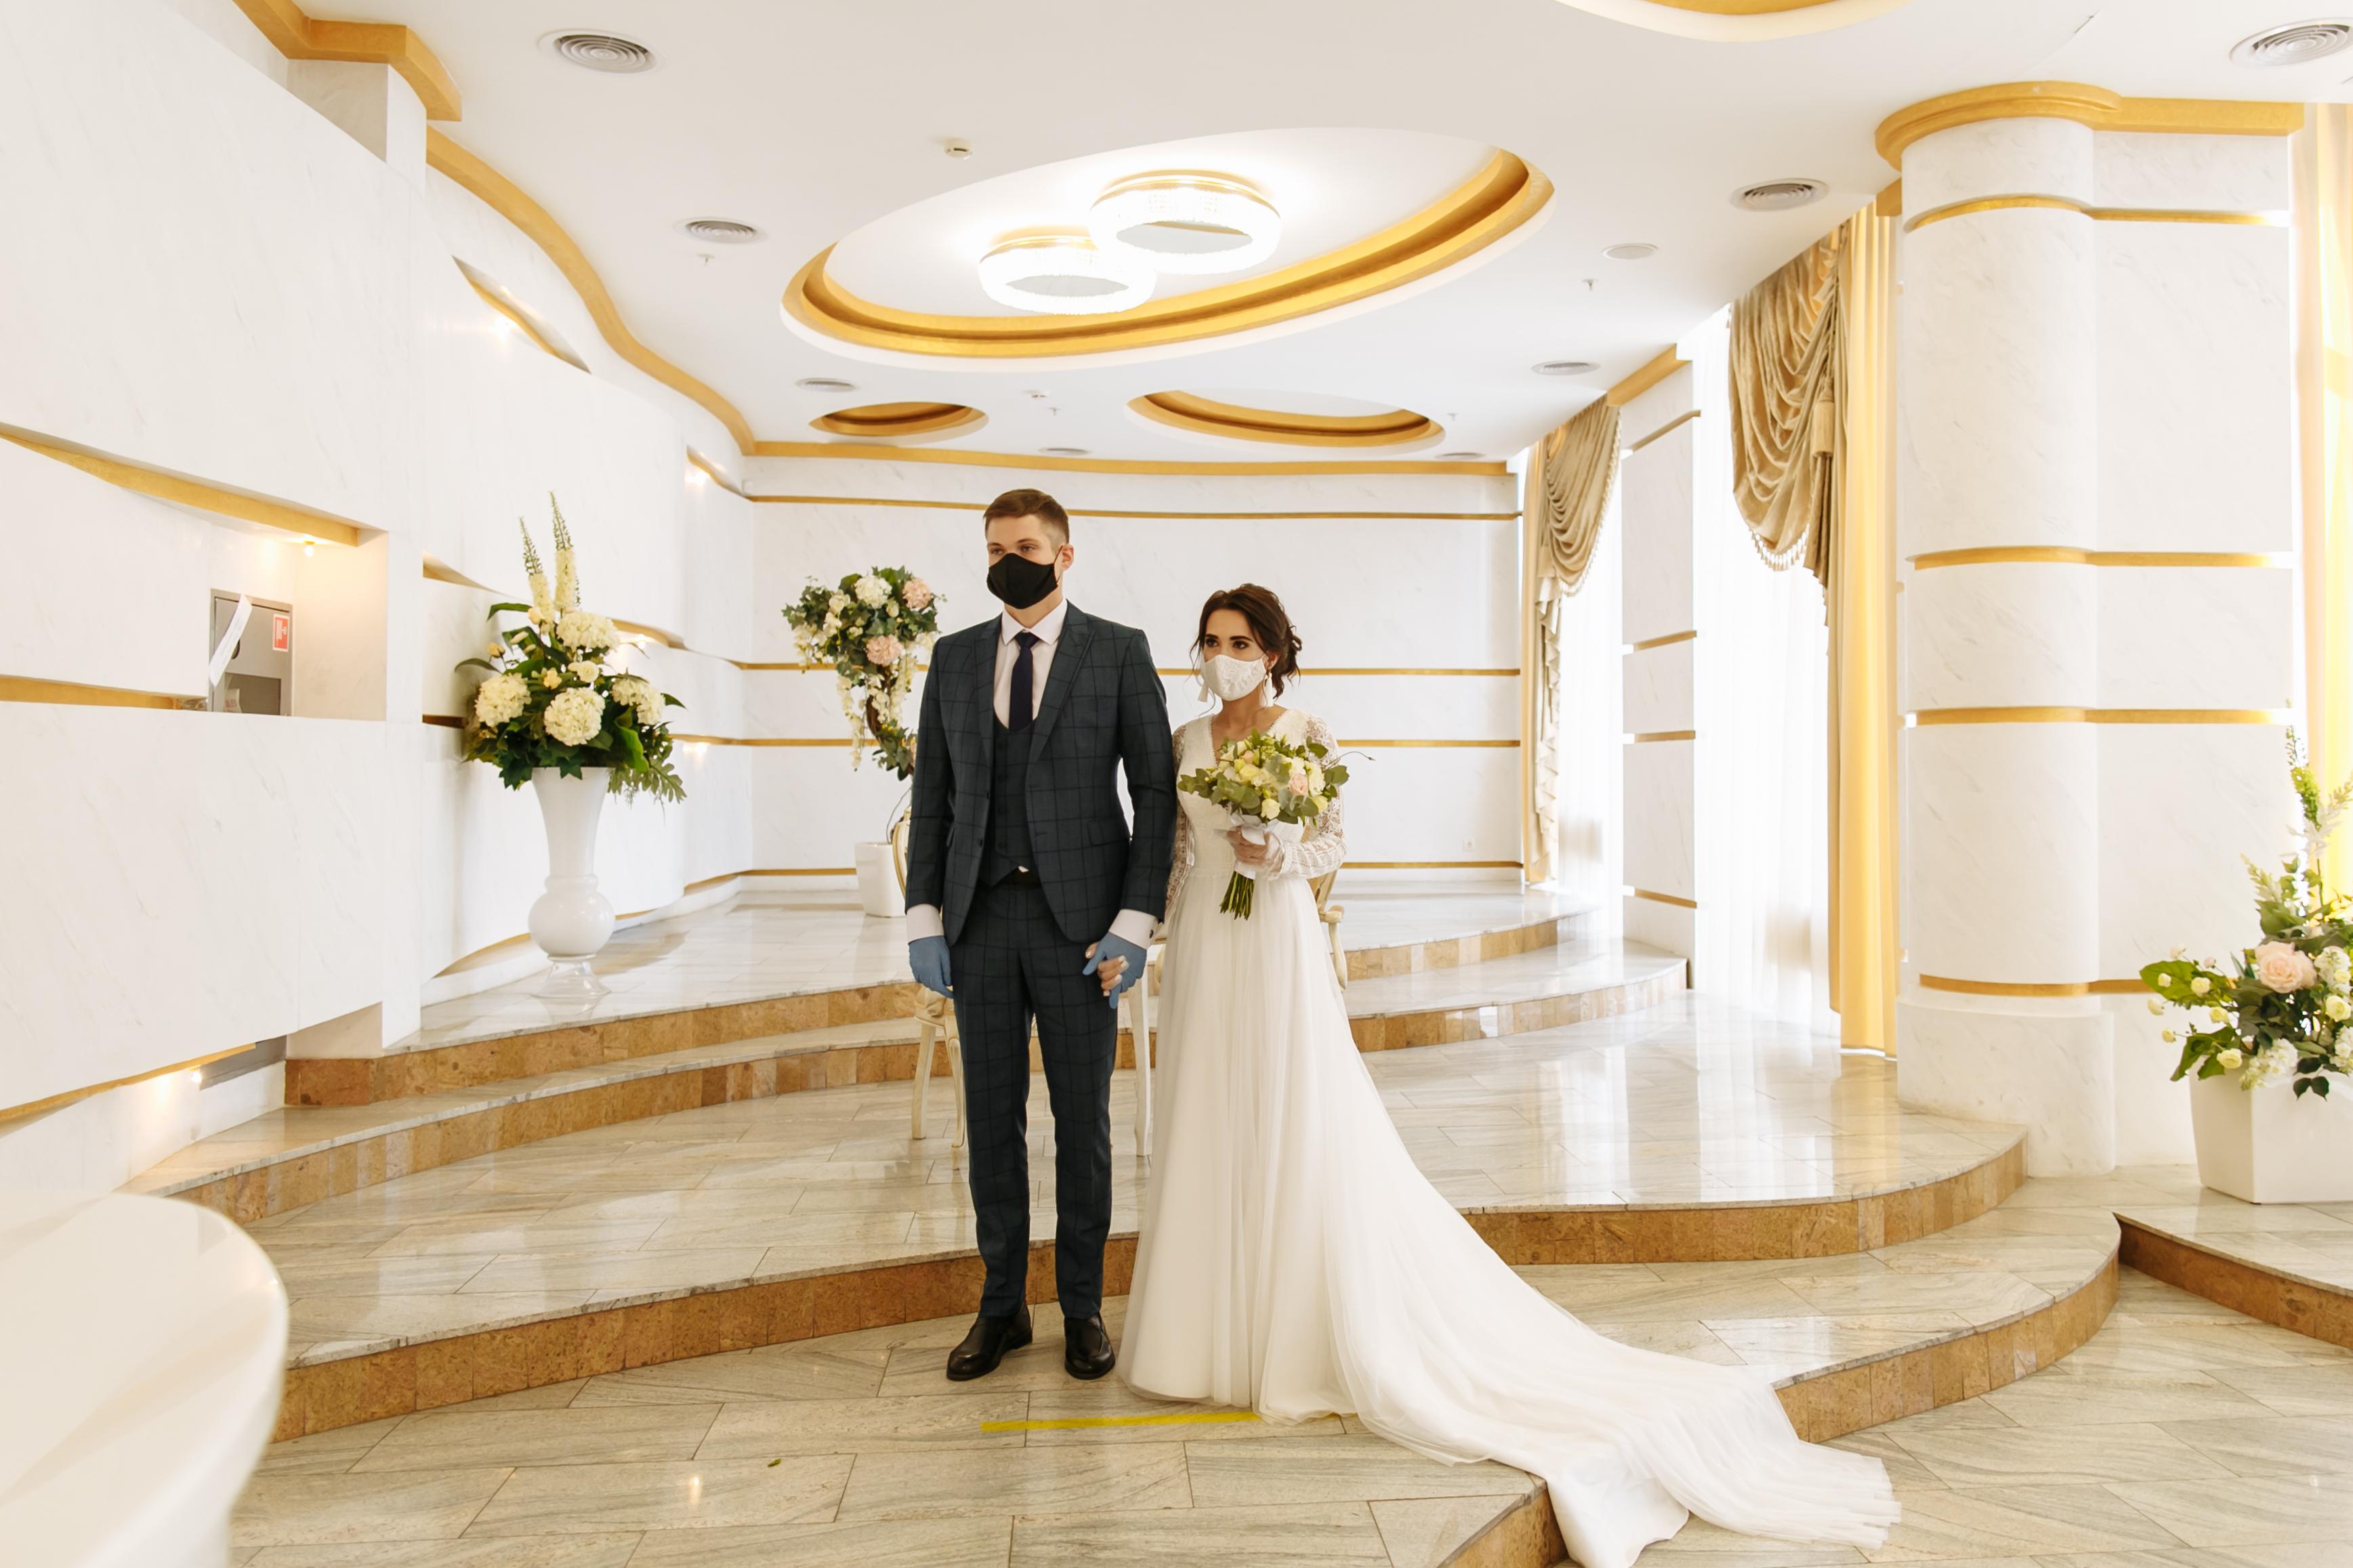 a wedding in 2020